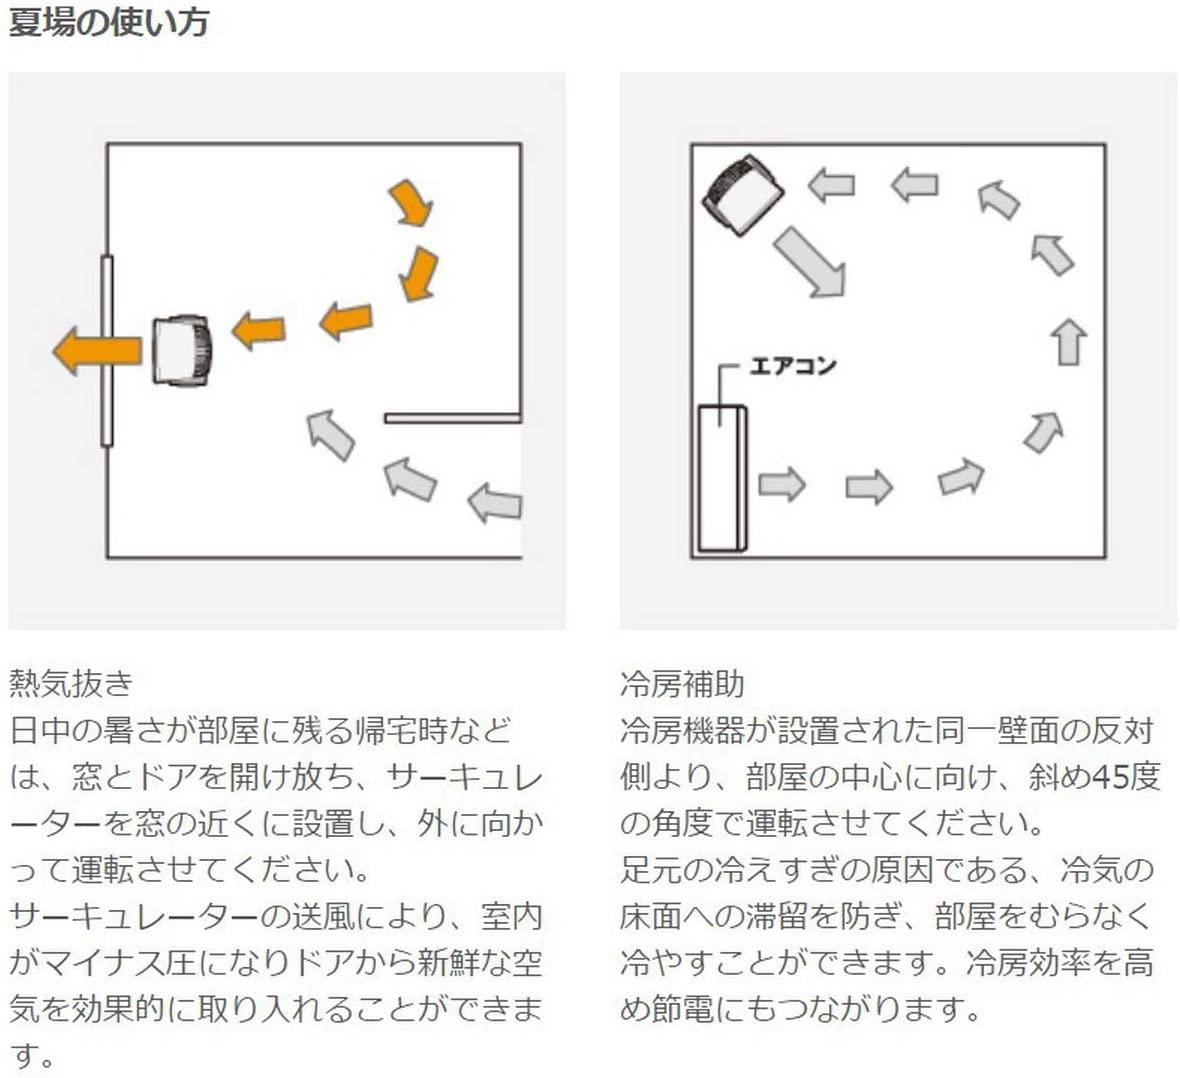 無印良品(MUJI) サーキュレーター(低騒音ファン・大風量タイプ) AT-CF26R-Wの商品画像22